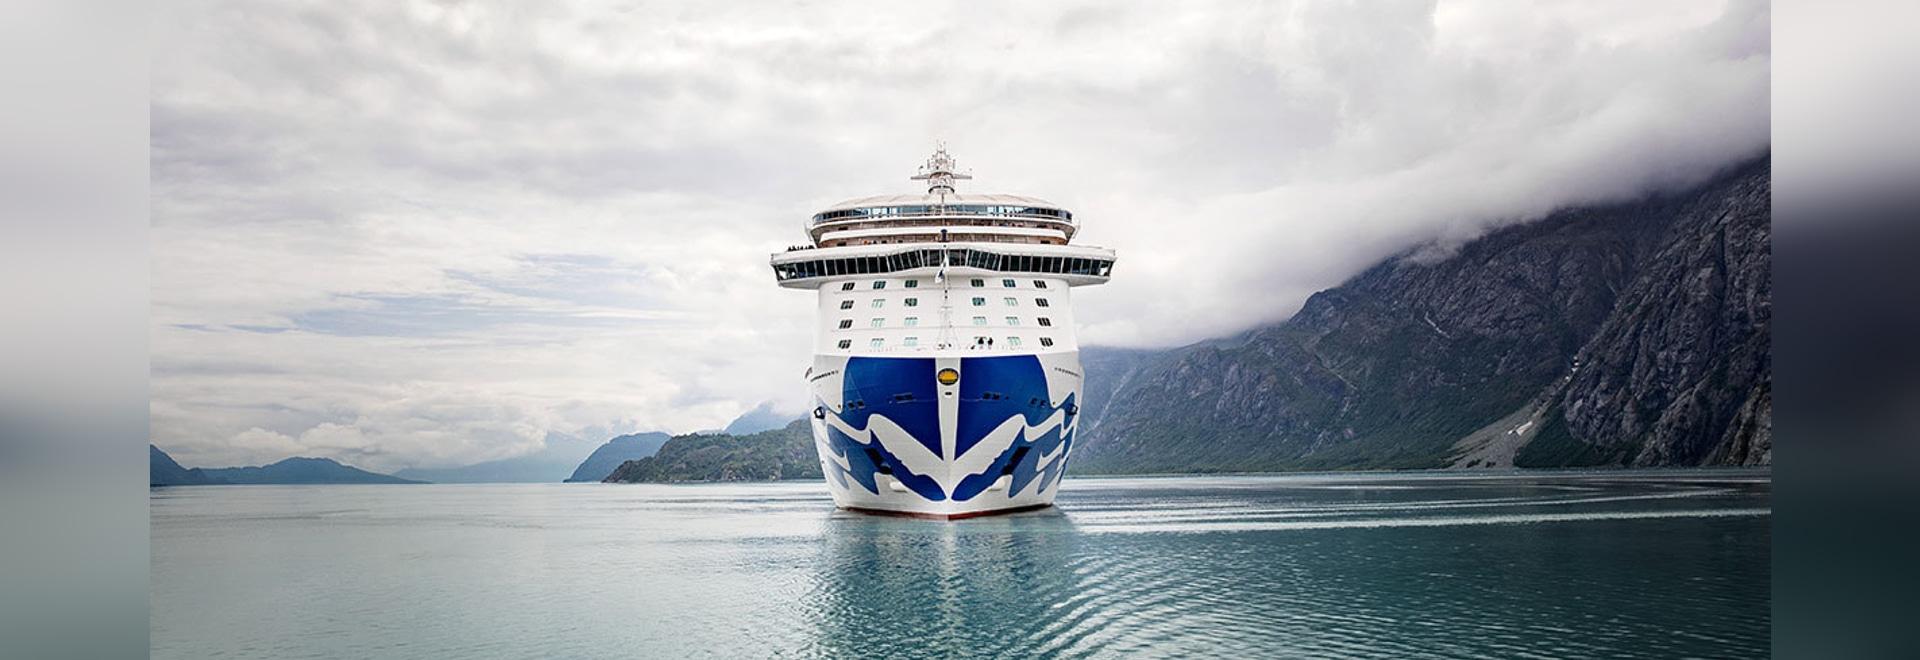 The Royal Princess in Glacier Bay, Alaska.